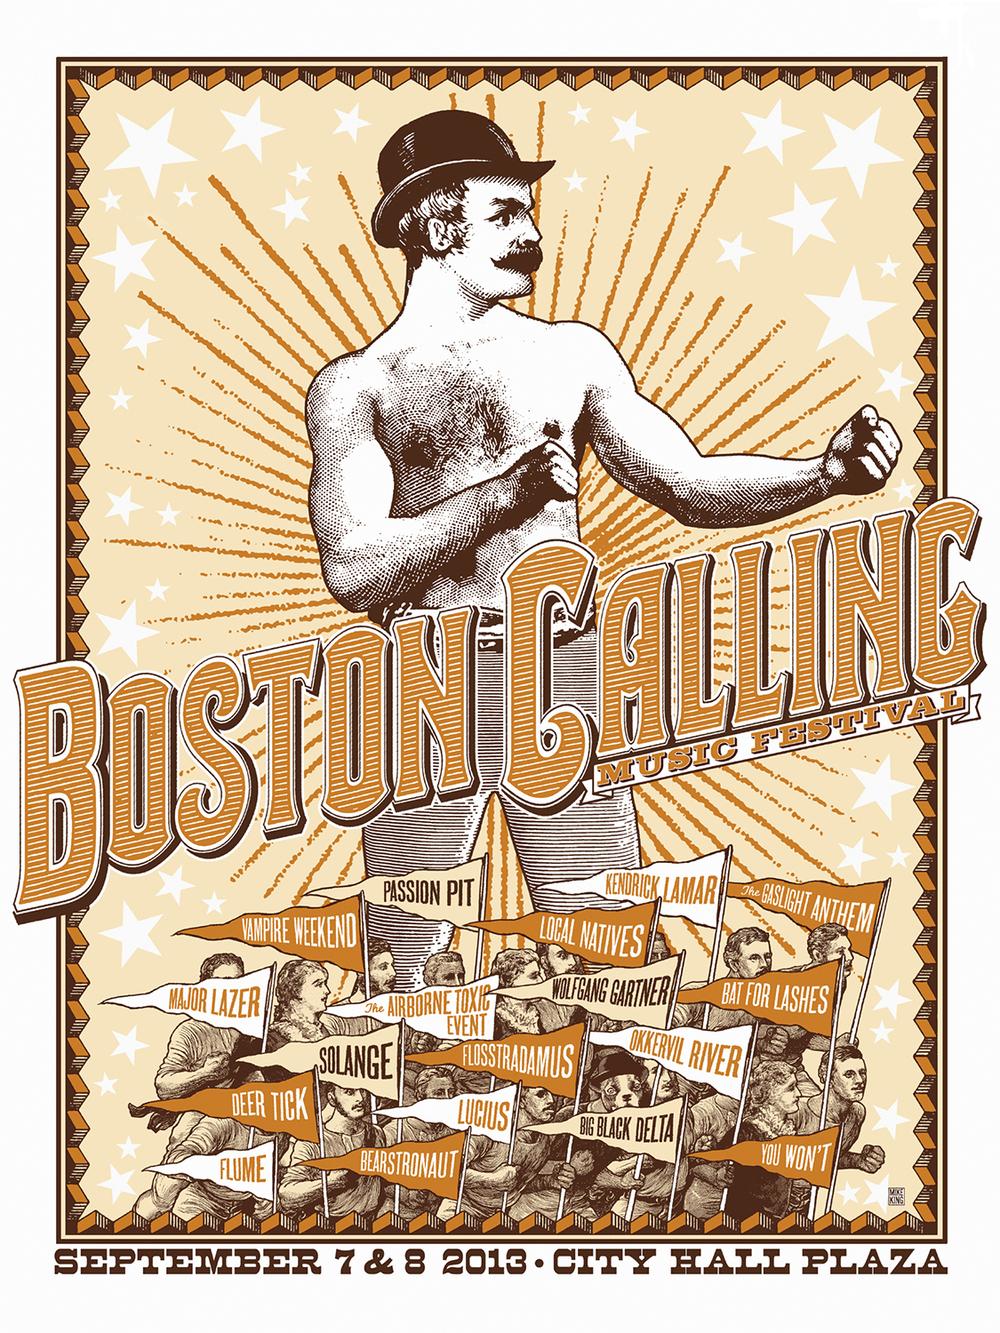 Boston Calling Festival Poster